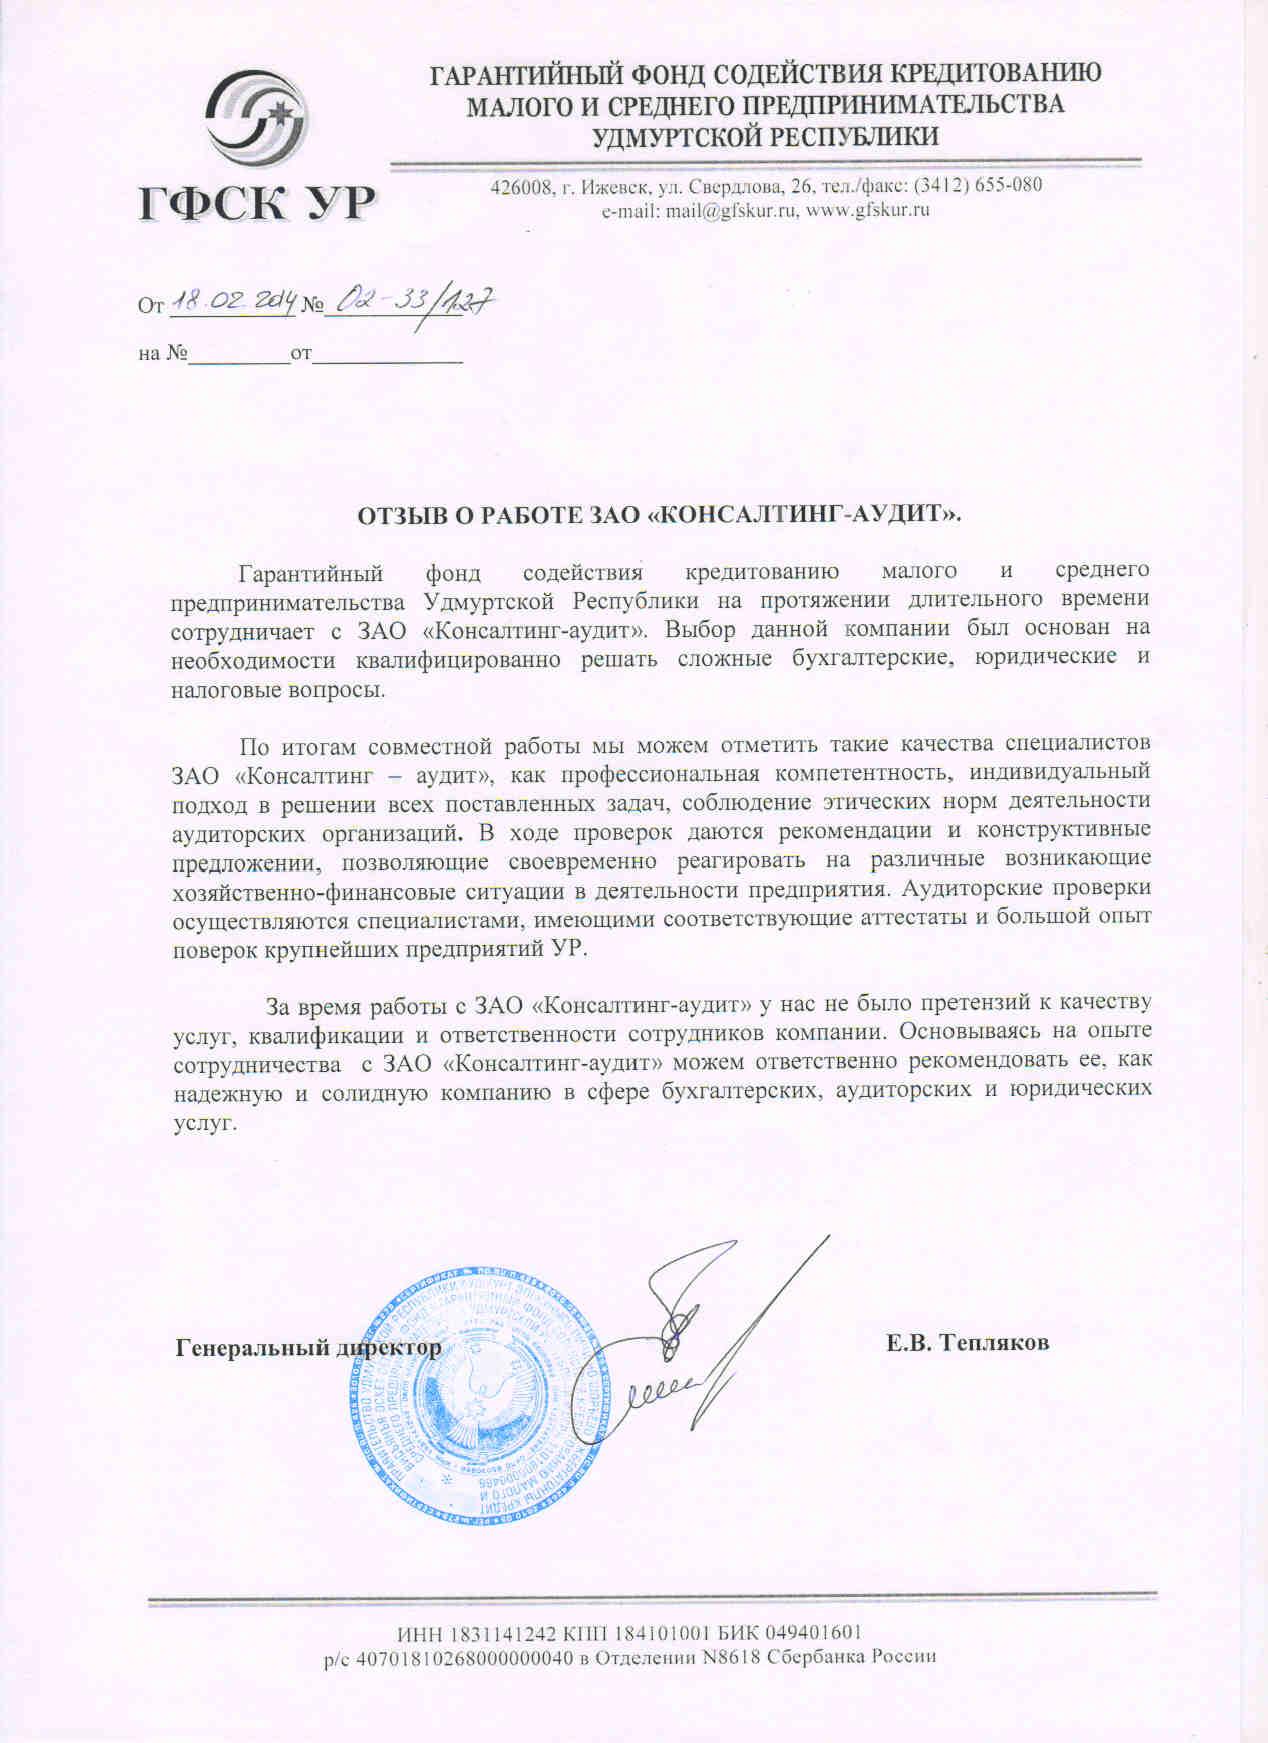 Отзыв ГФСК УР_2014